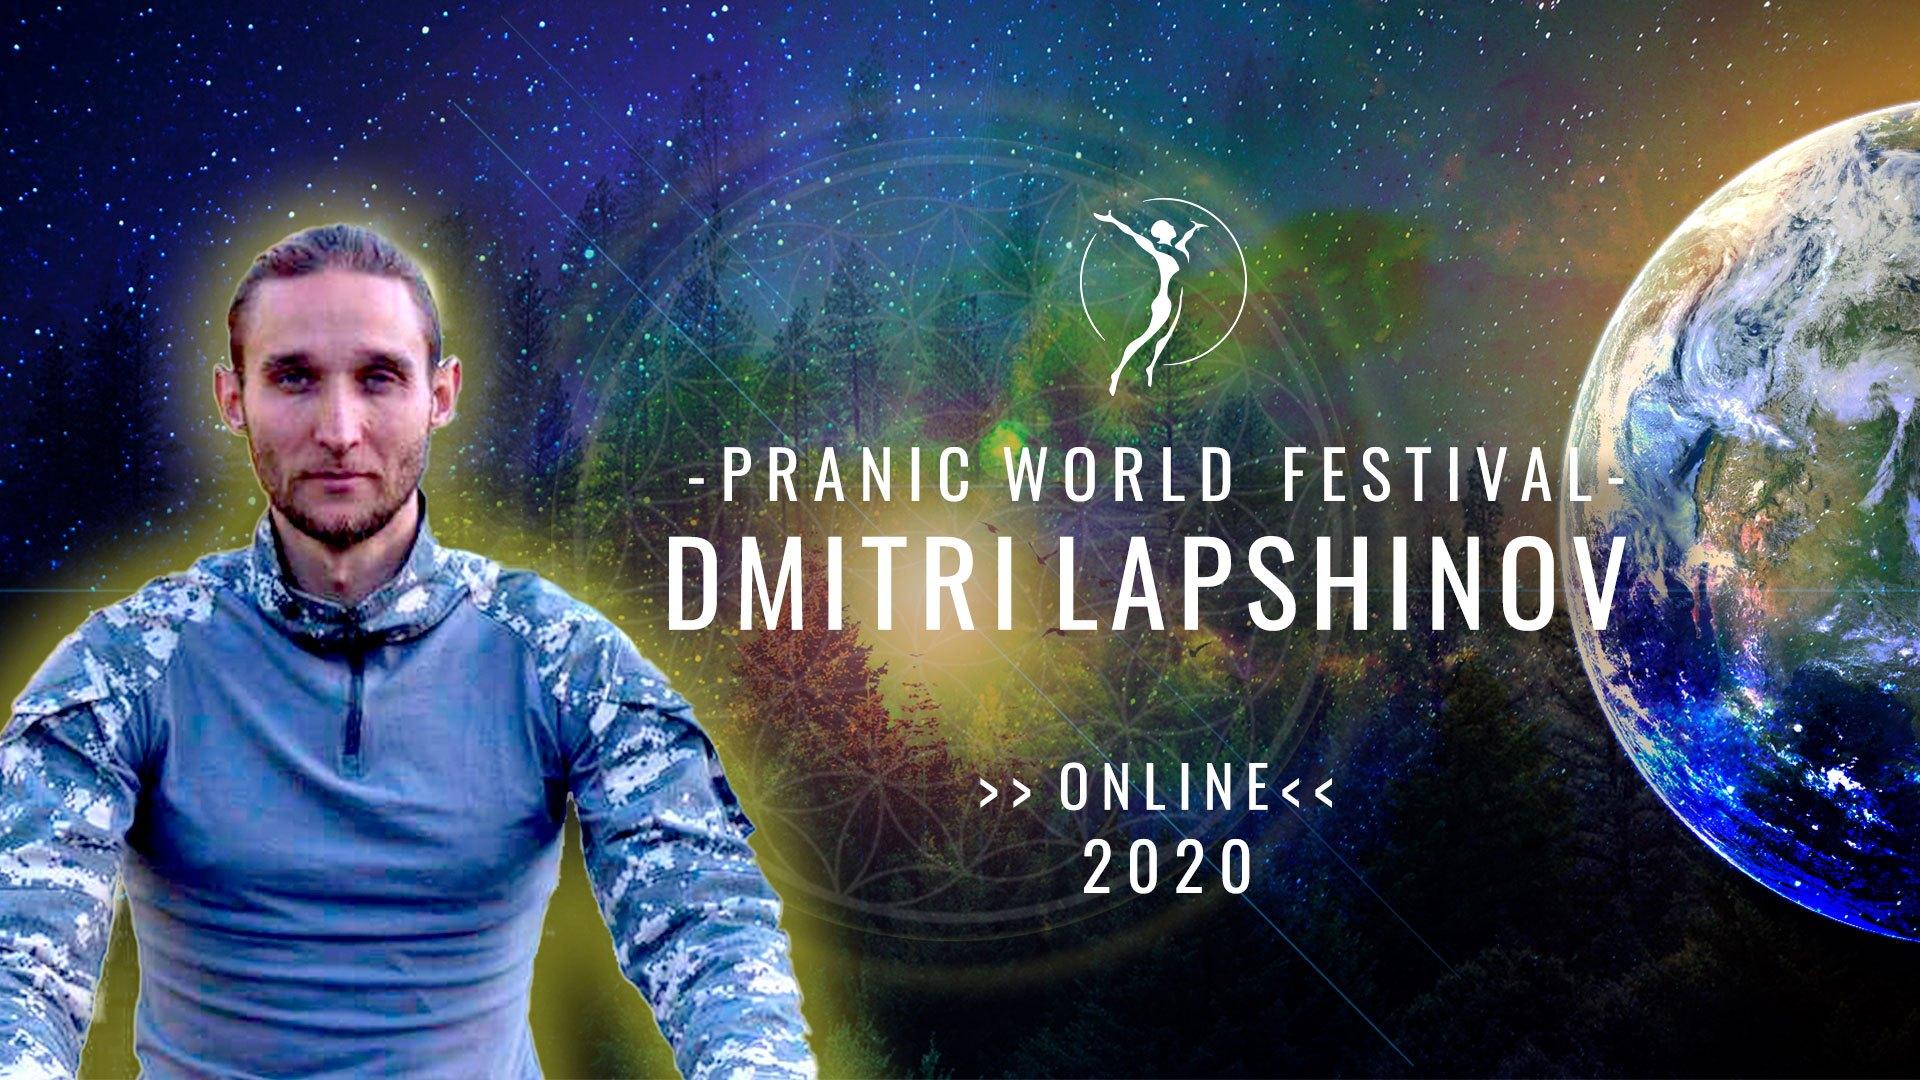 Dmitri Lapshinov